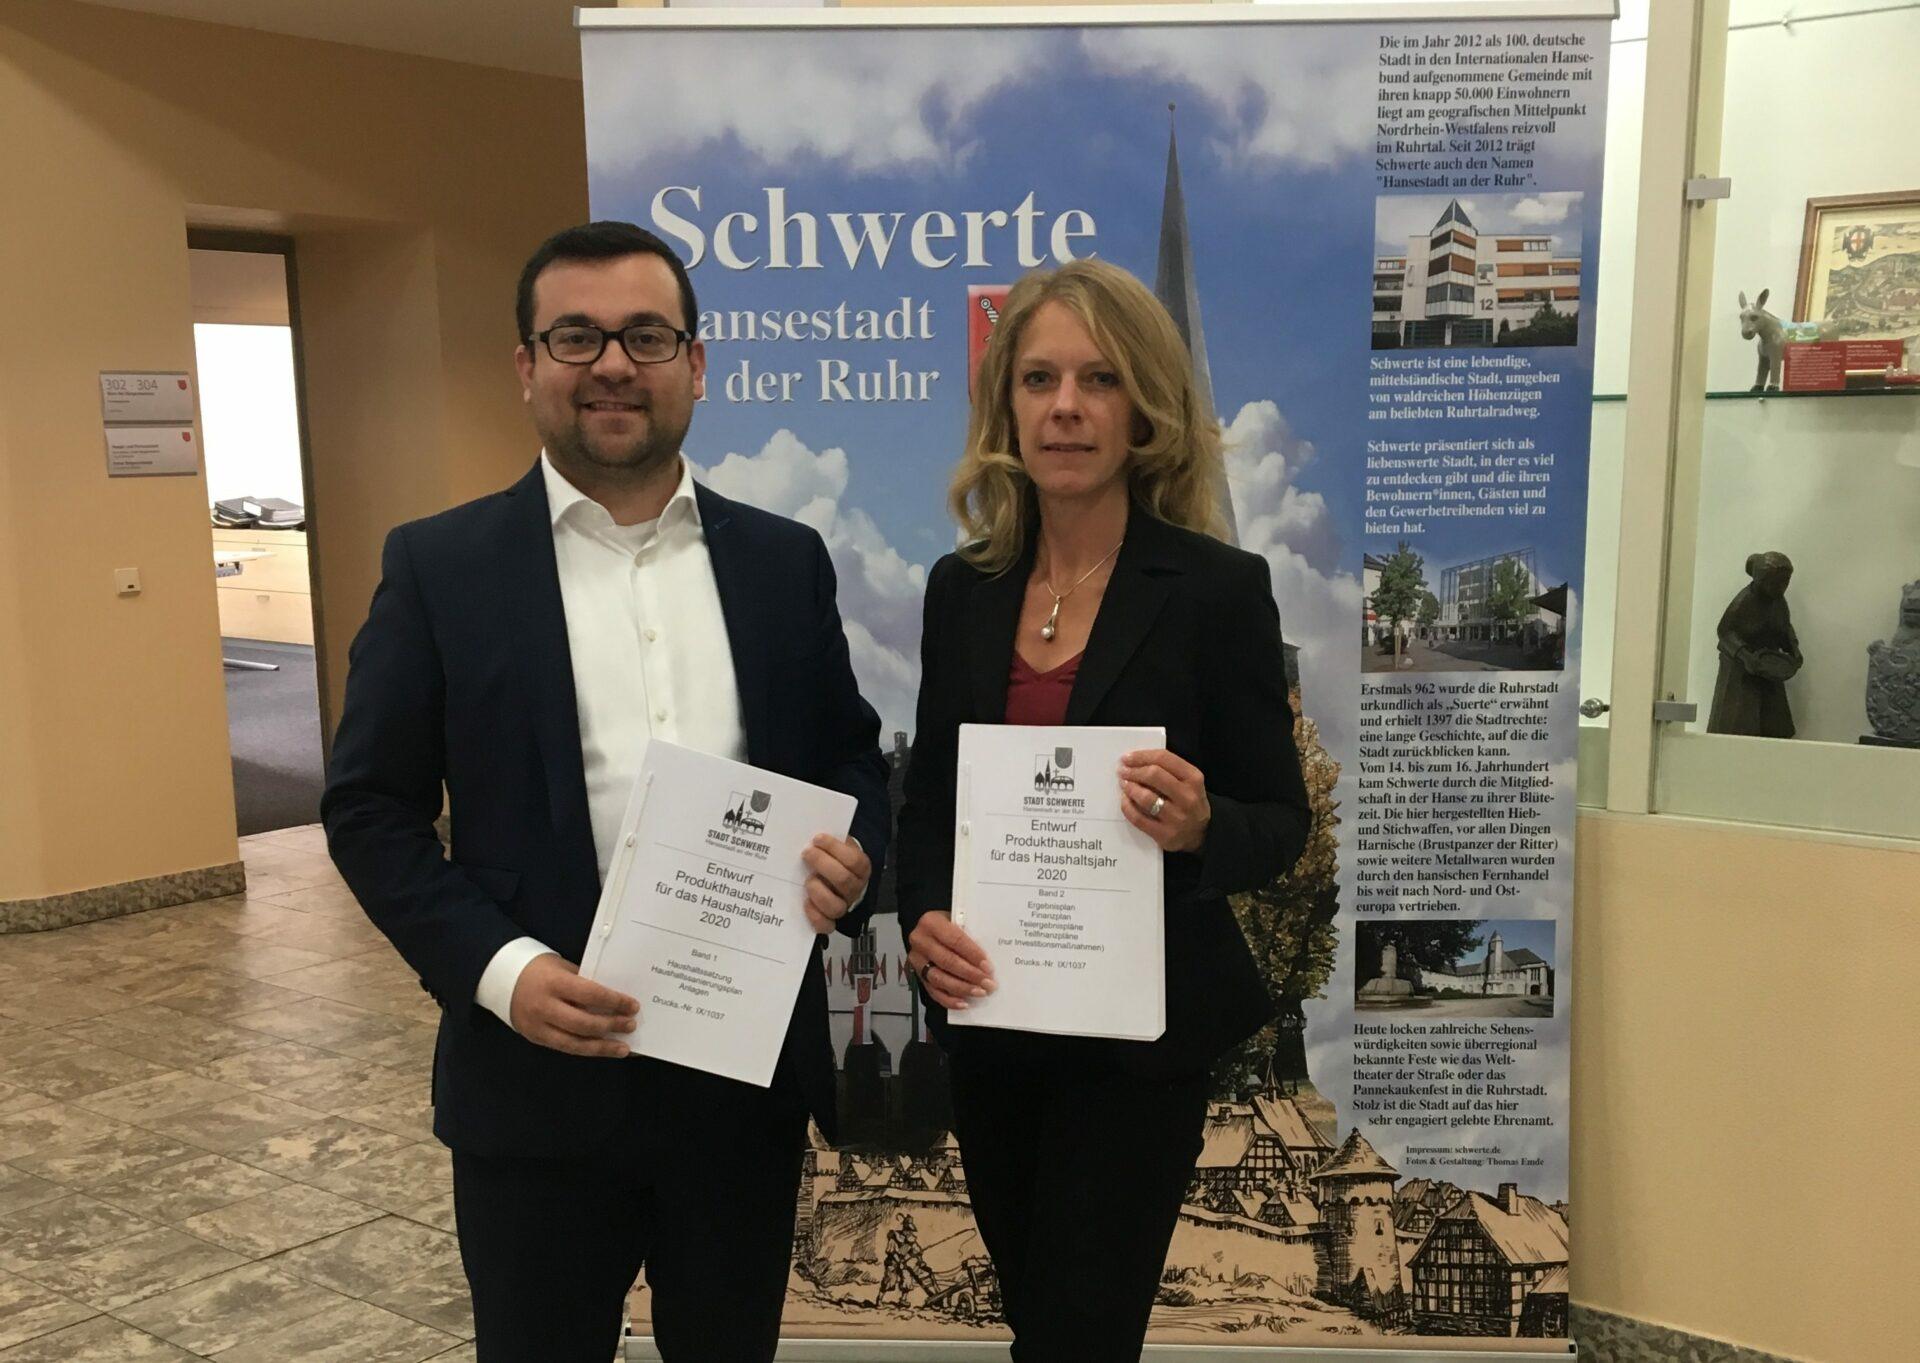 Kämmerin und Bürgermeister legen Haushaltsplan für 2020 vor: 79 Millionen Euro Gesamtinvestitionen